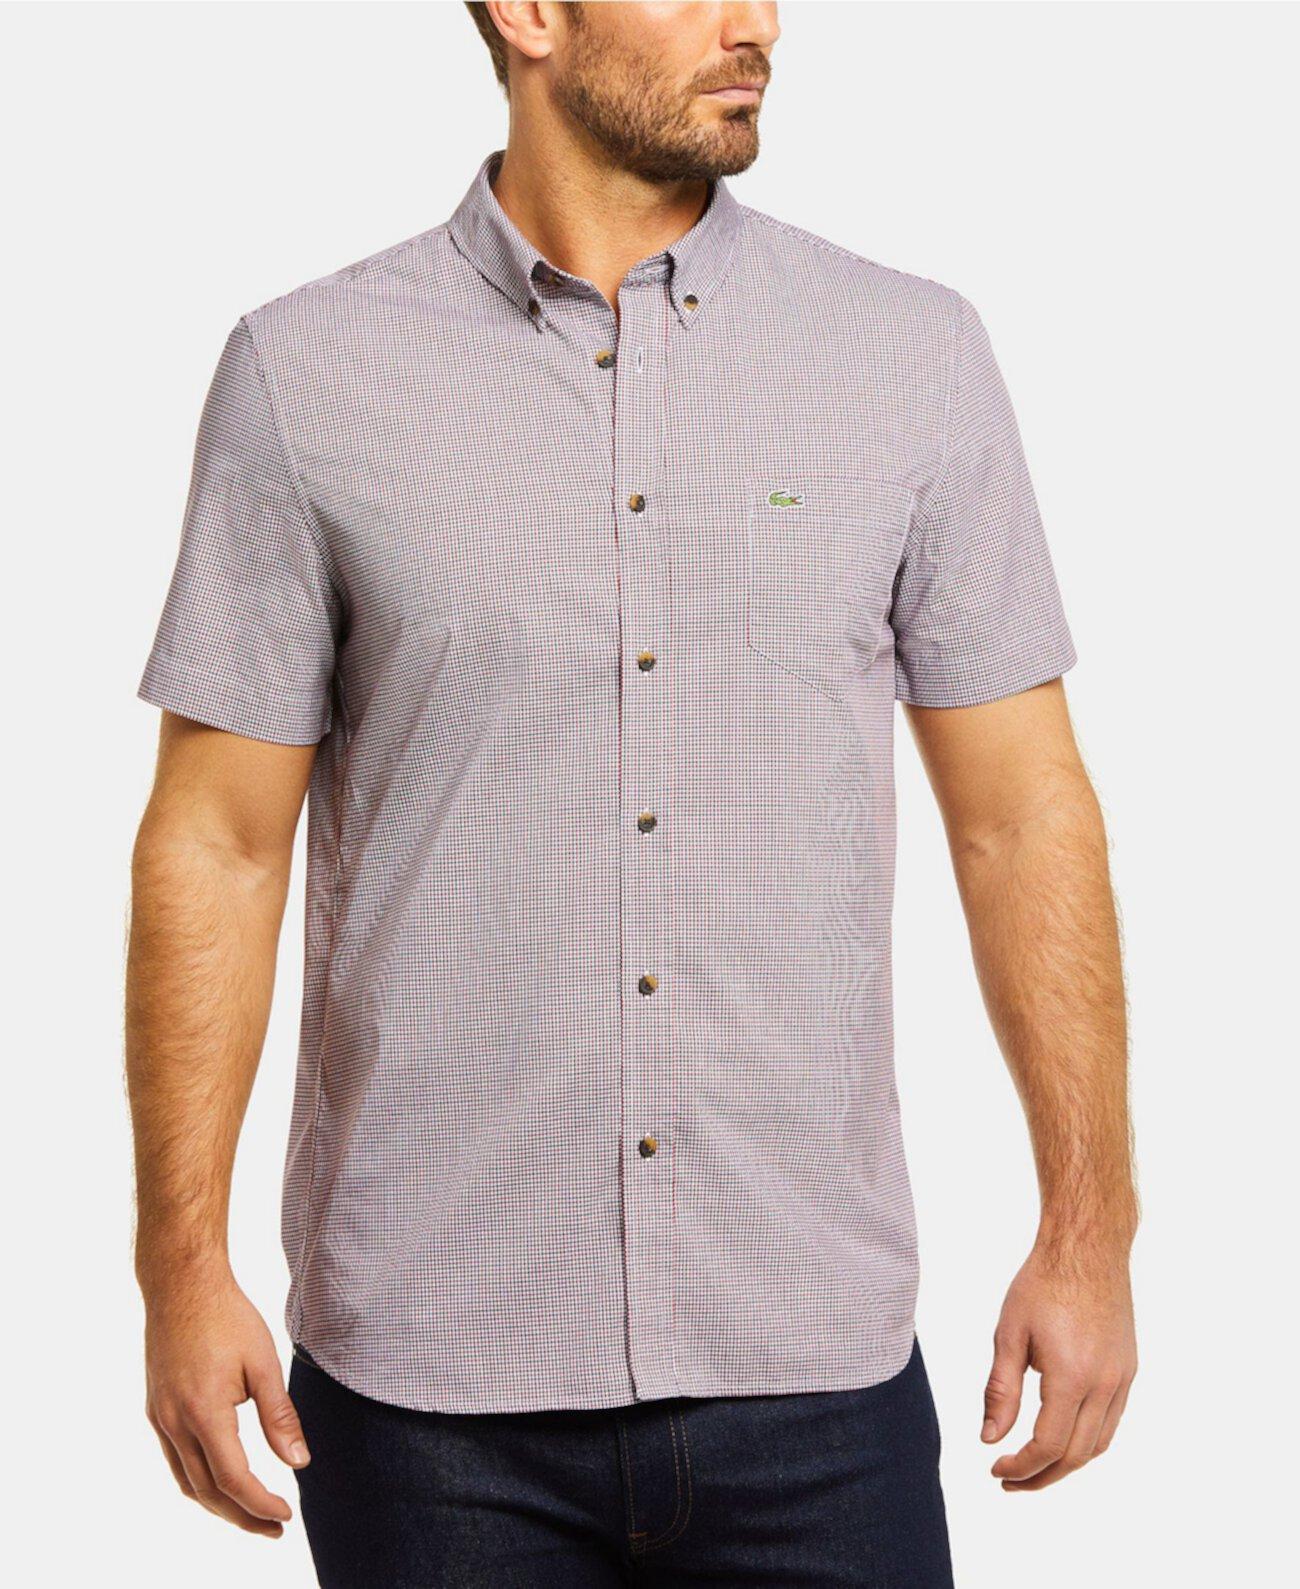 Мужская рубашка в клетку с короткими рукавами в клетку и клеткой в клетку Lacoste